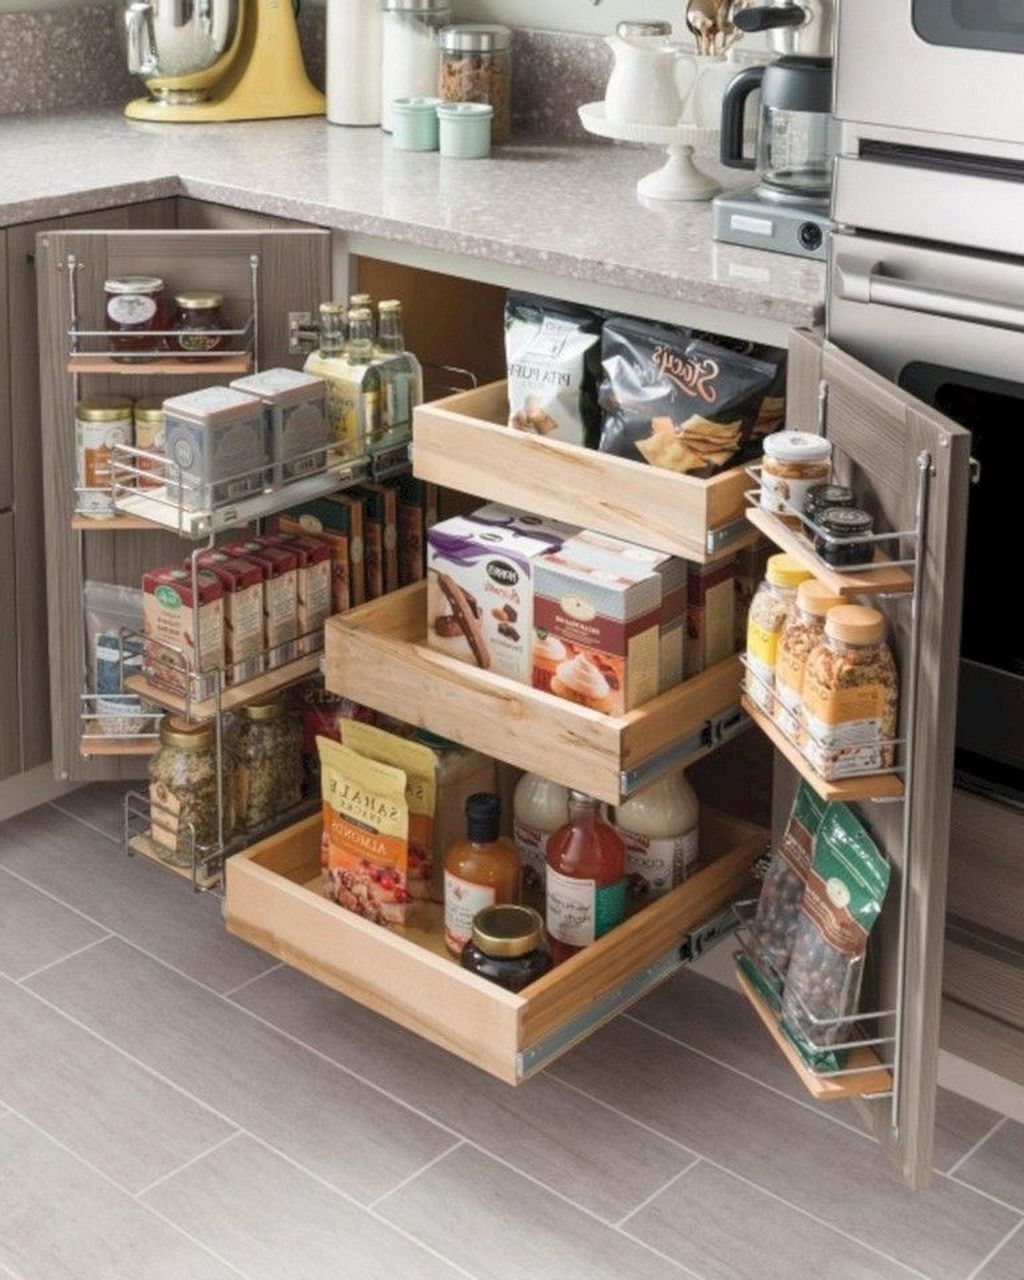 44 The Best Kitchen Organization Cabinet Ideas Small Kitchen